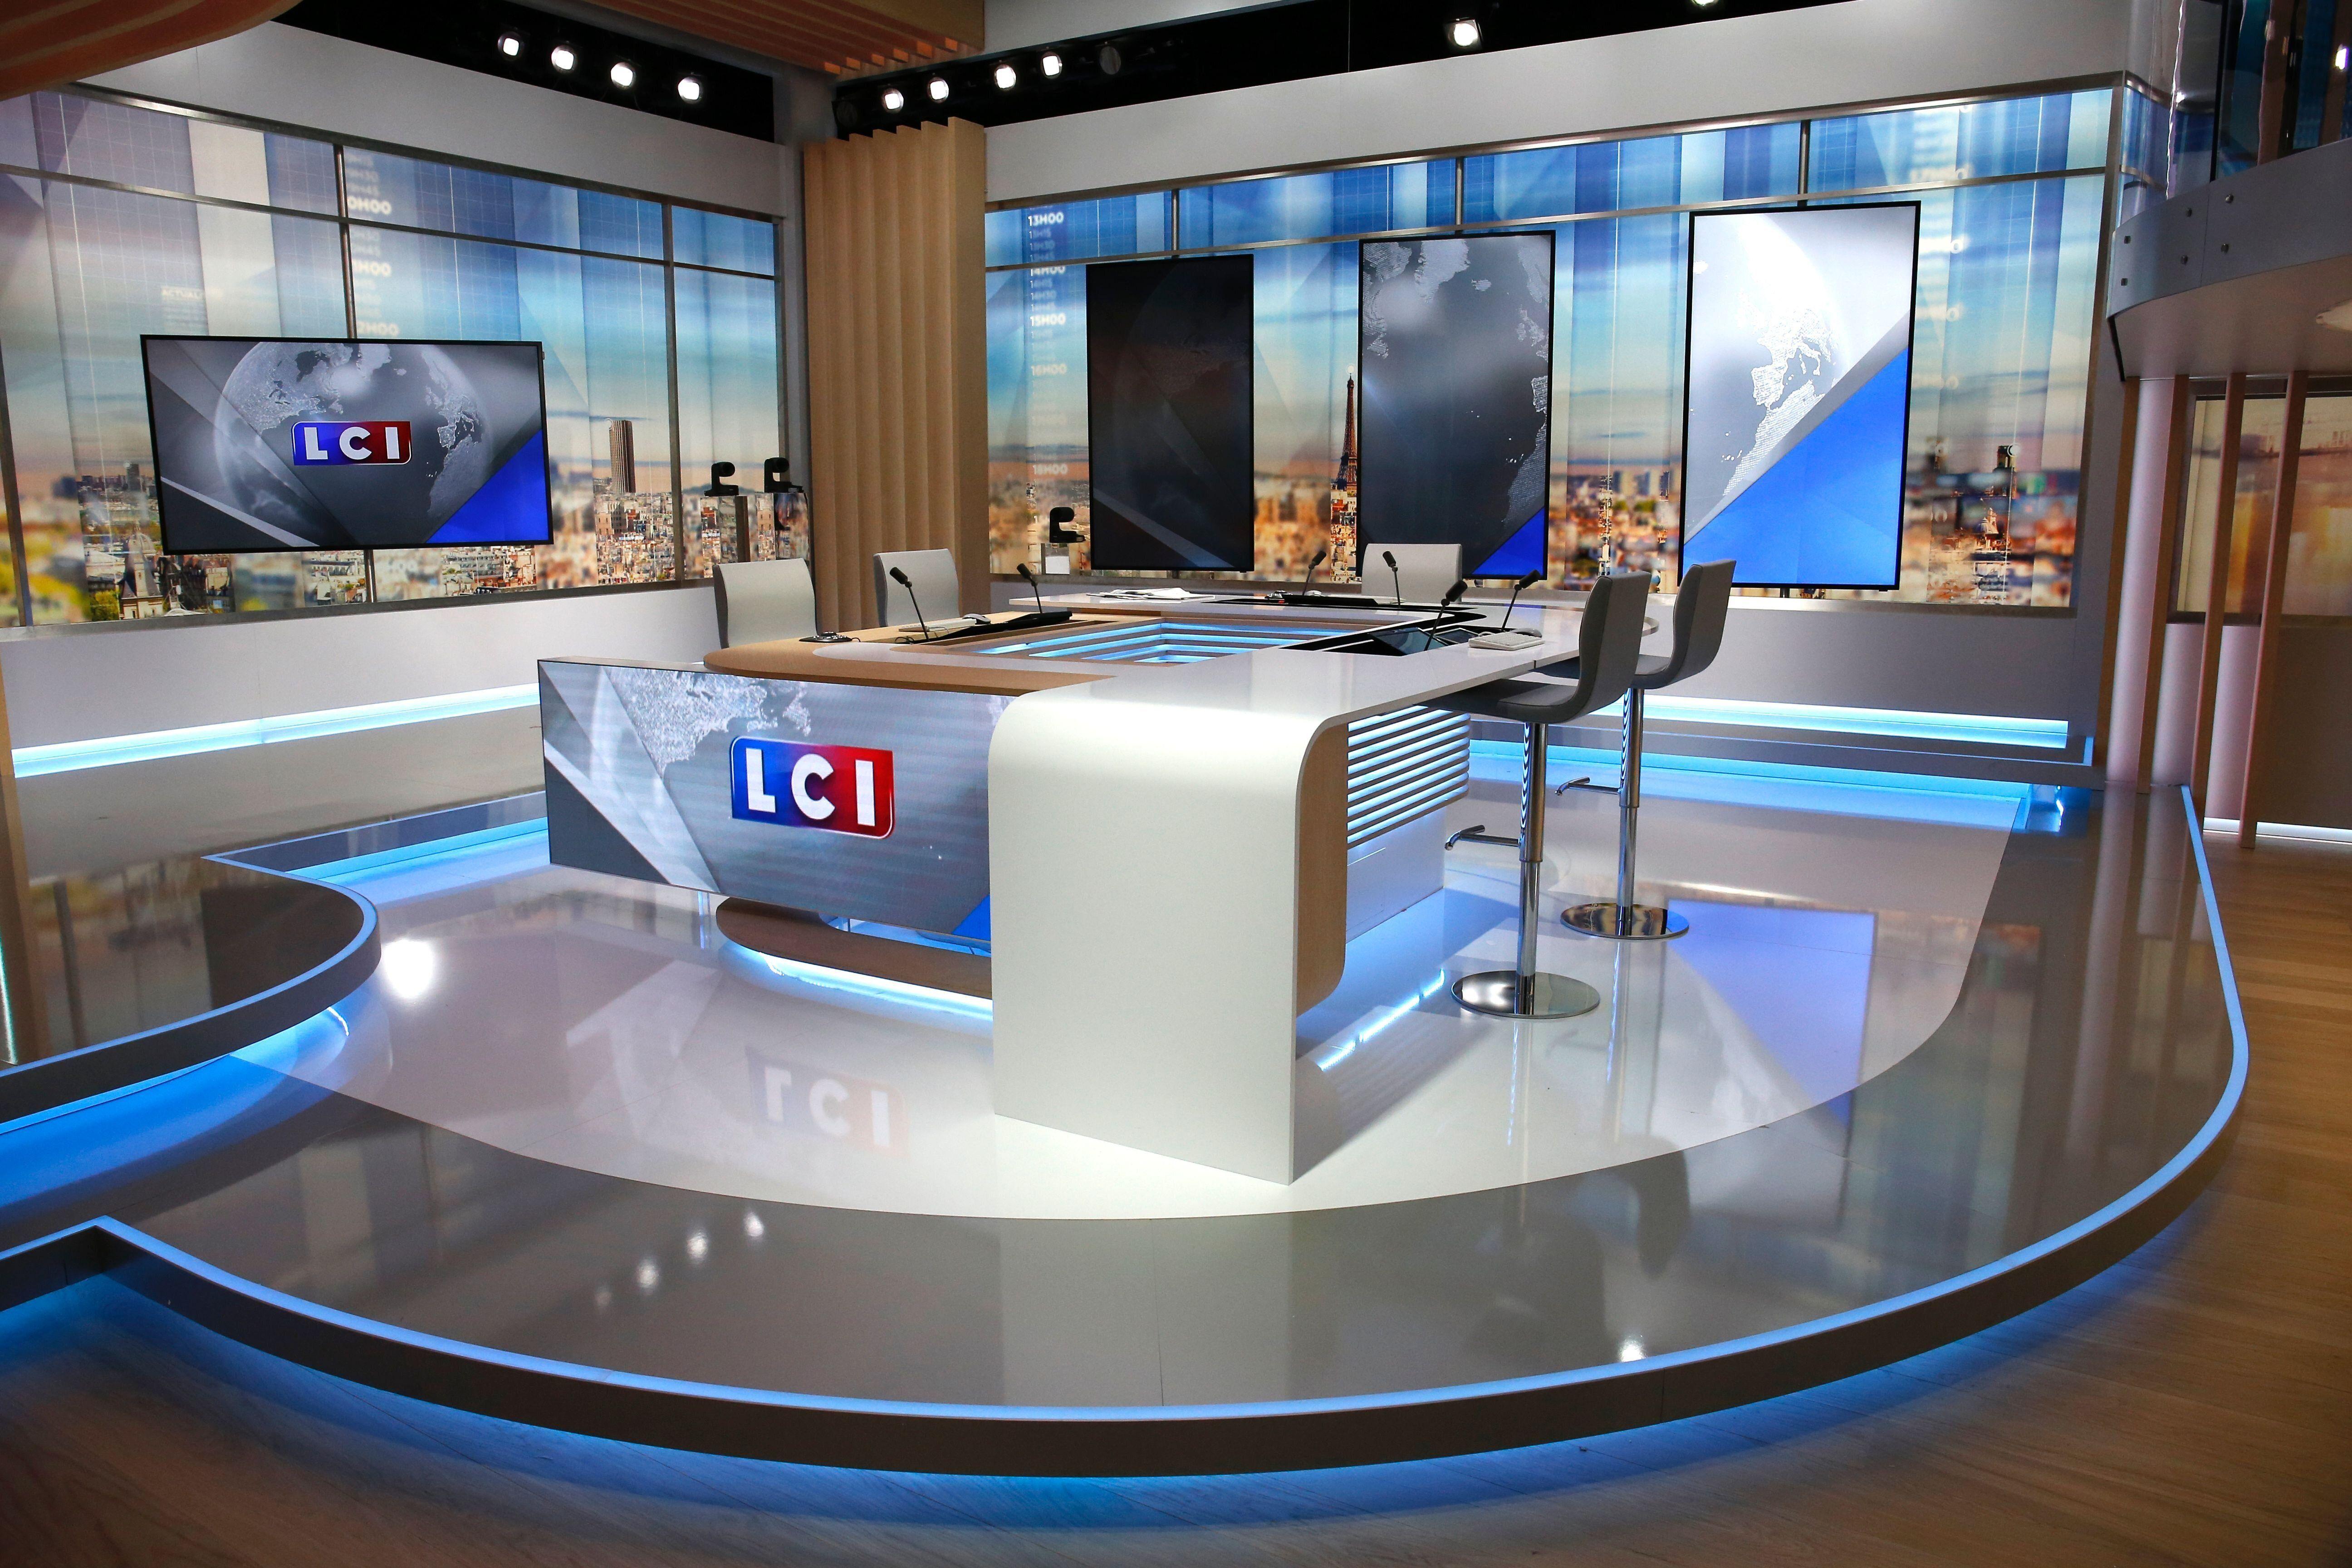 Le plateau de la chaîne LCI du groupe TF1, le 25 août 2016 à Boulogne